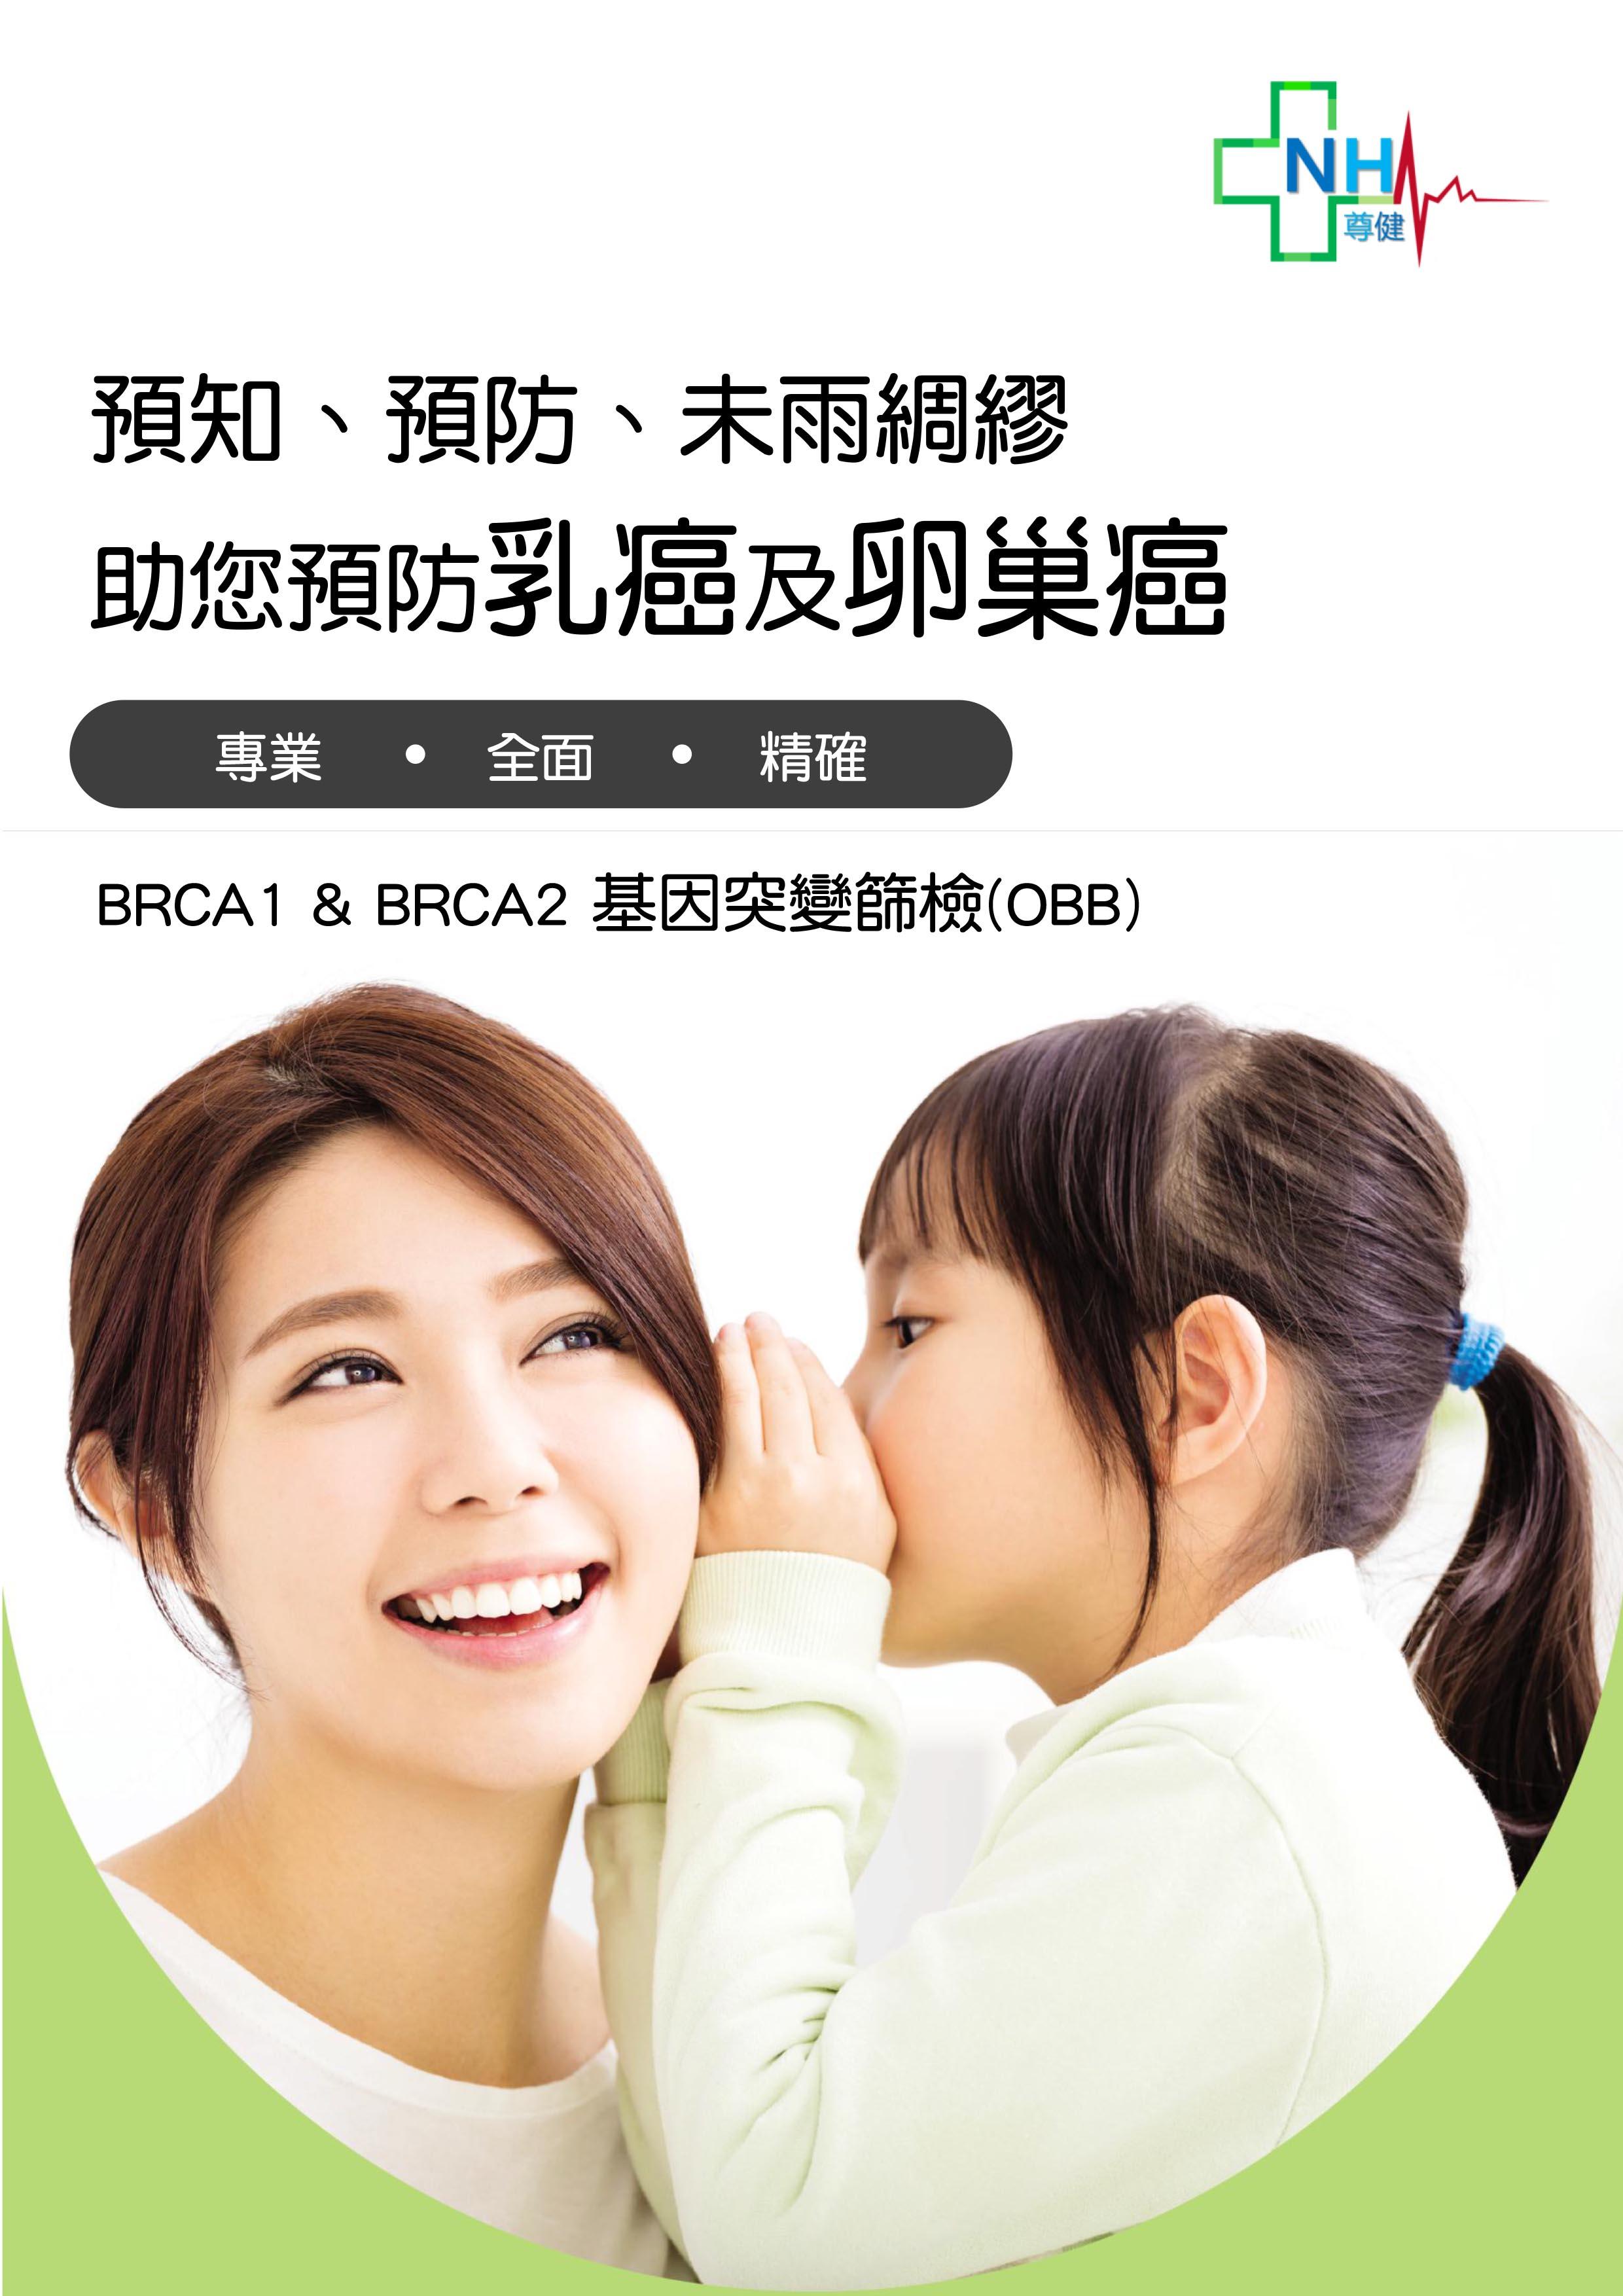 brac1-2-obb-1.jpg